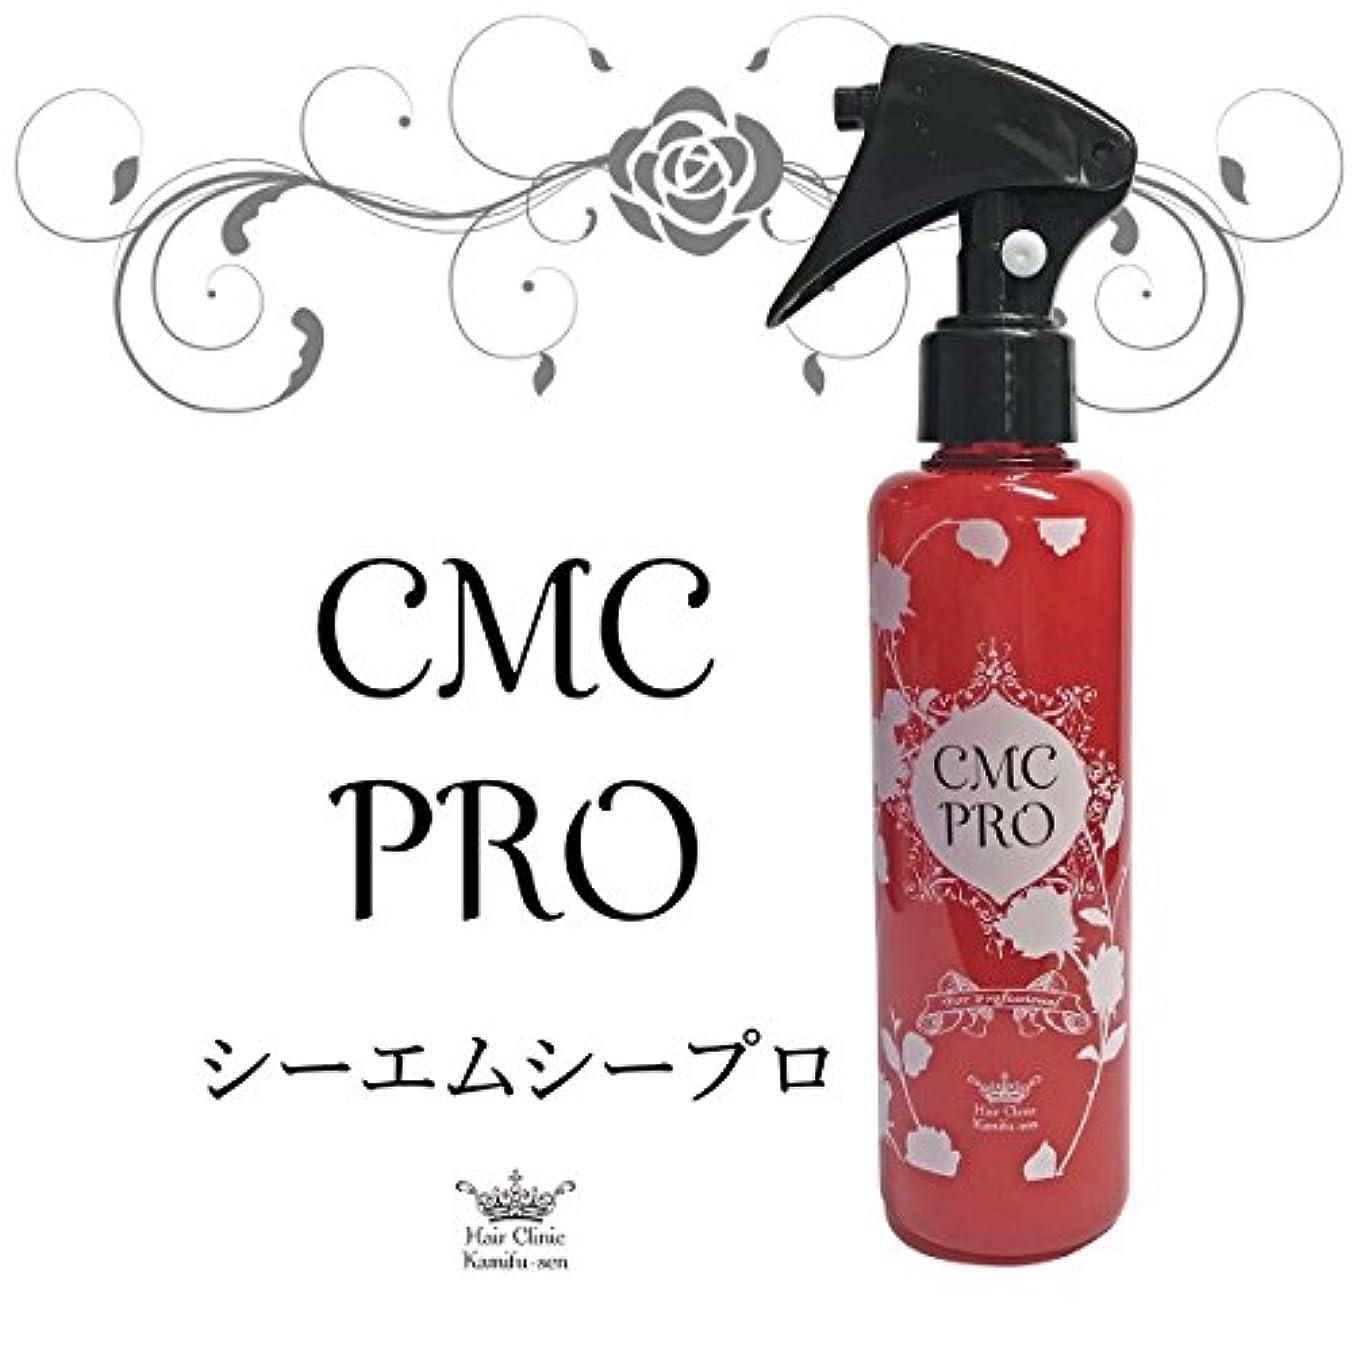 準備無声でプラットフォームCMCプロ(200ml)(バサバサ髪もしっとり髪へ、ビビリ毛修正に最適)